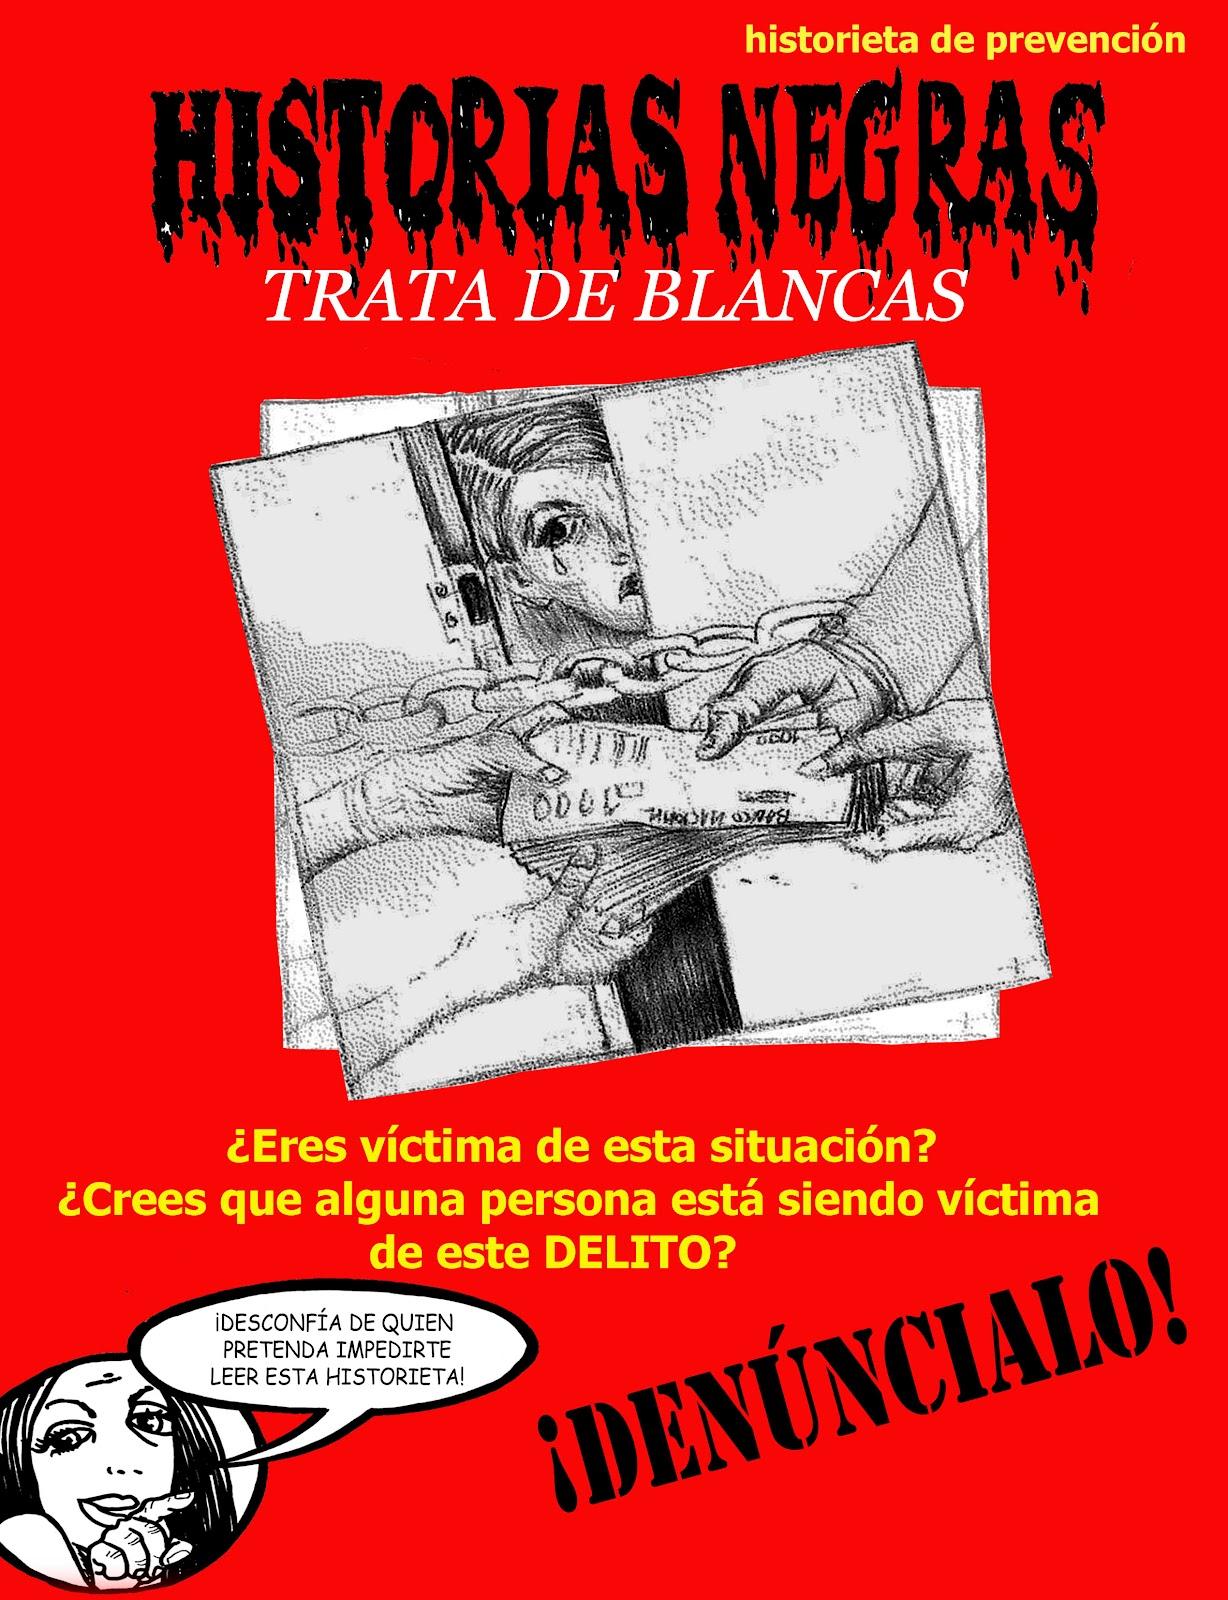 historiasnegras  historieta de prevenci u00f3n contra la trata